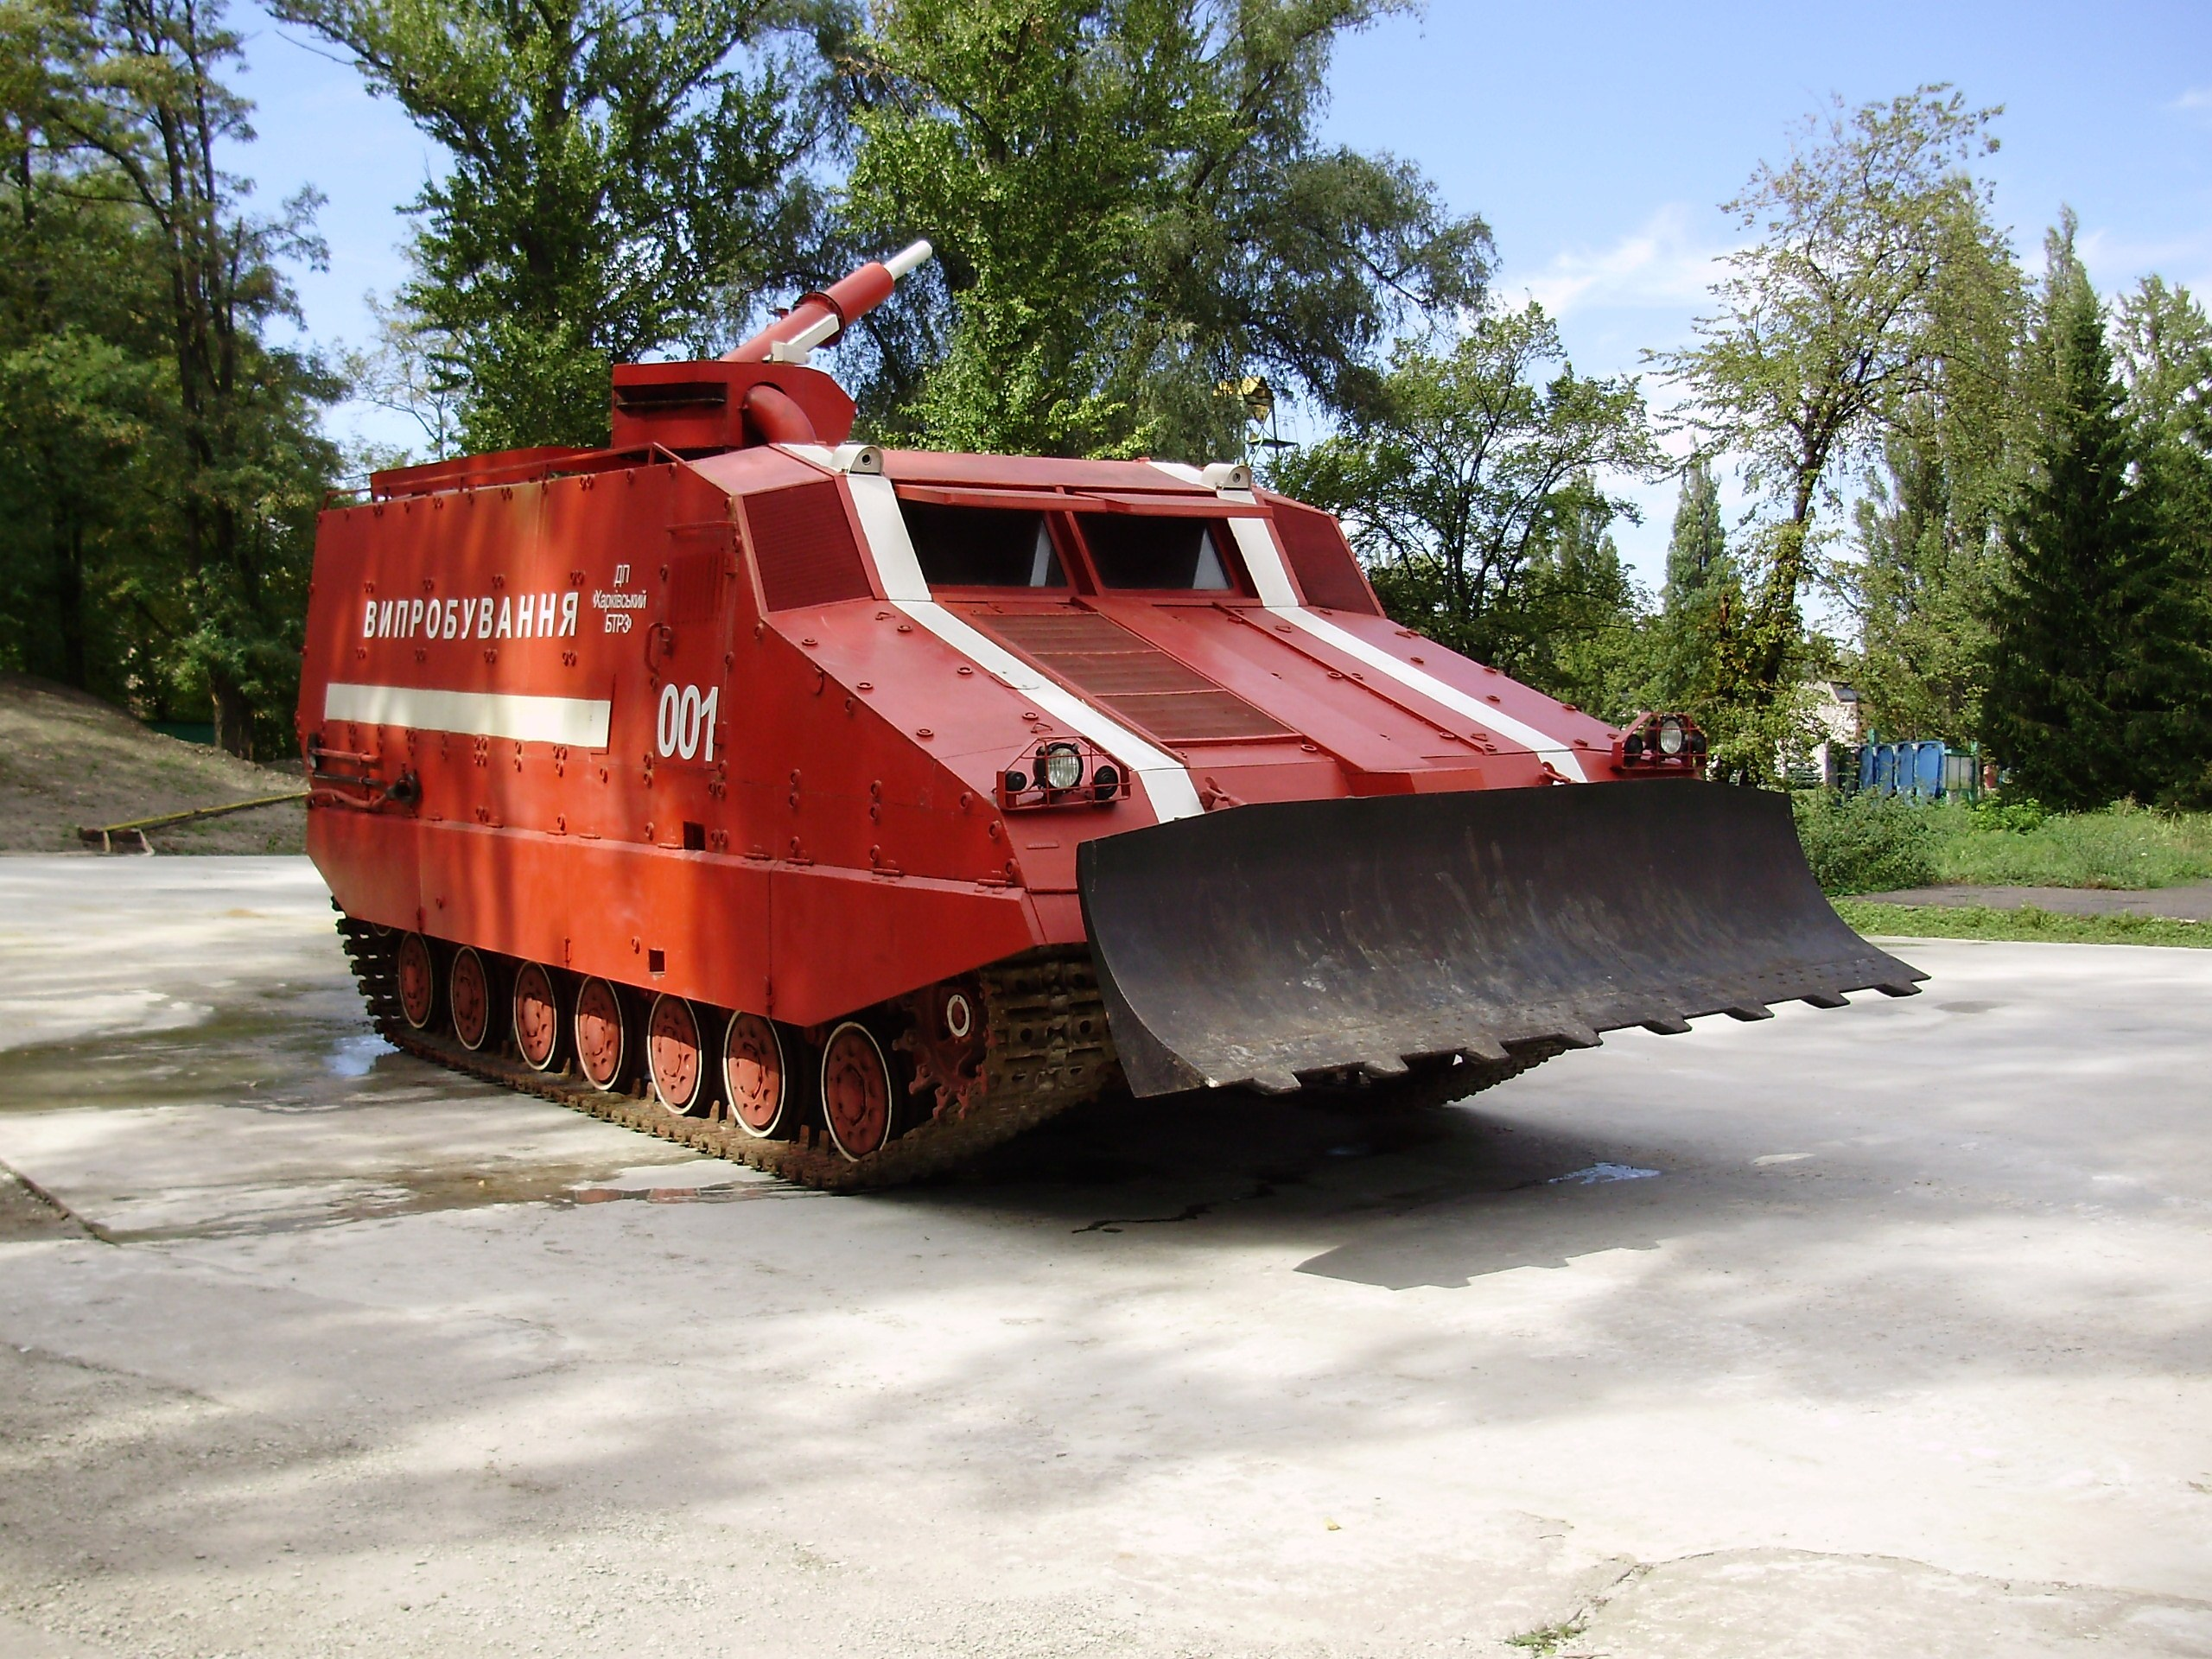 Гусеничная пожарная машина ГПМ-64